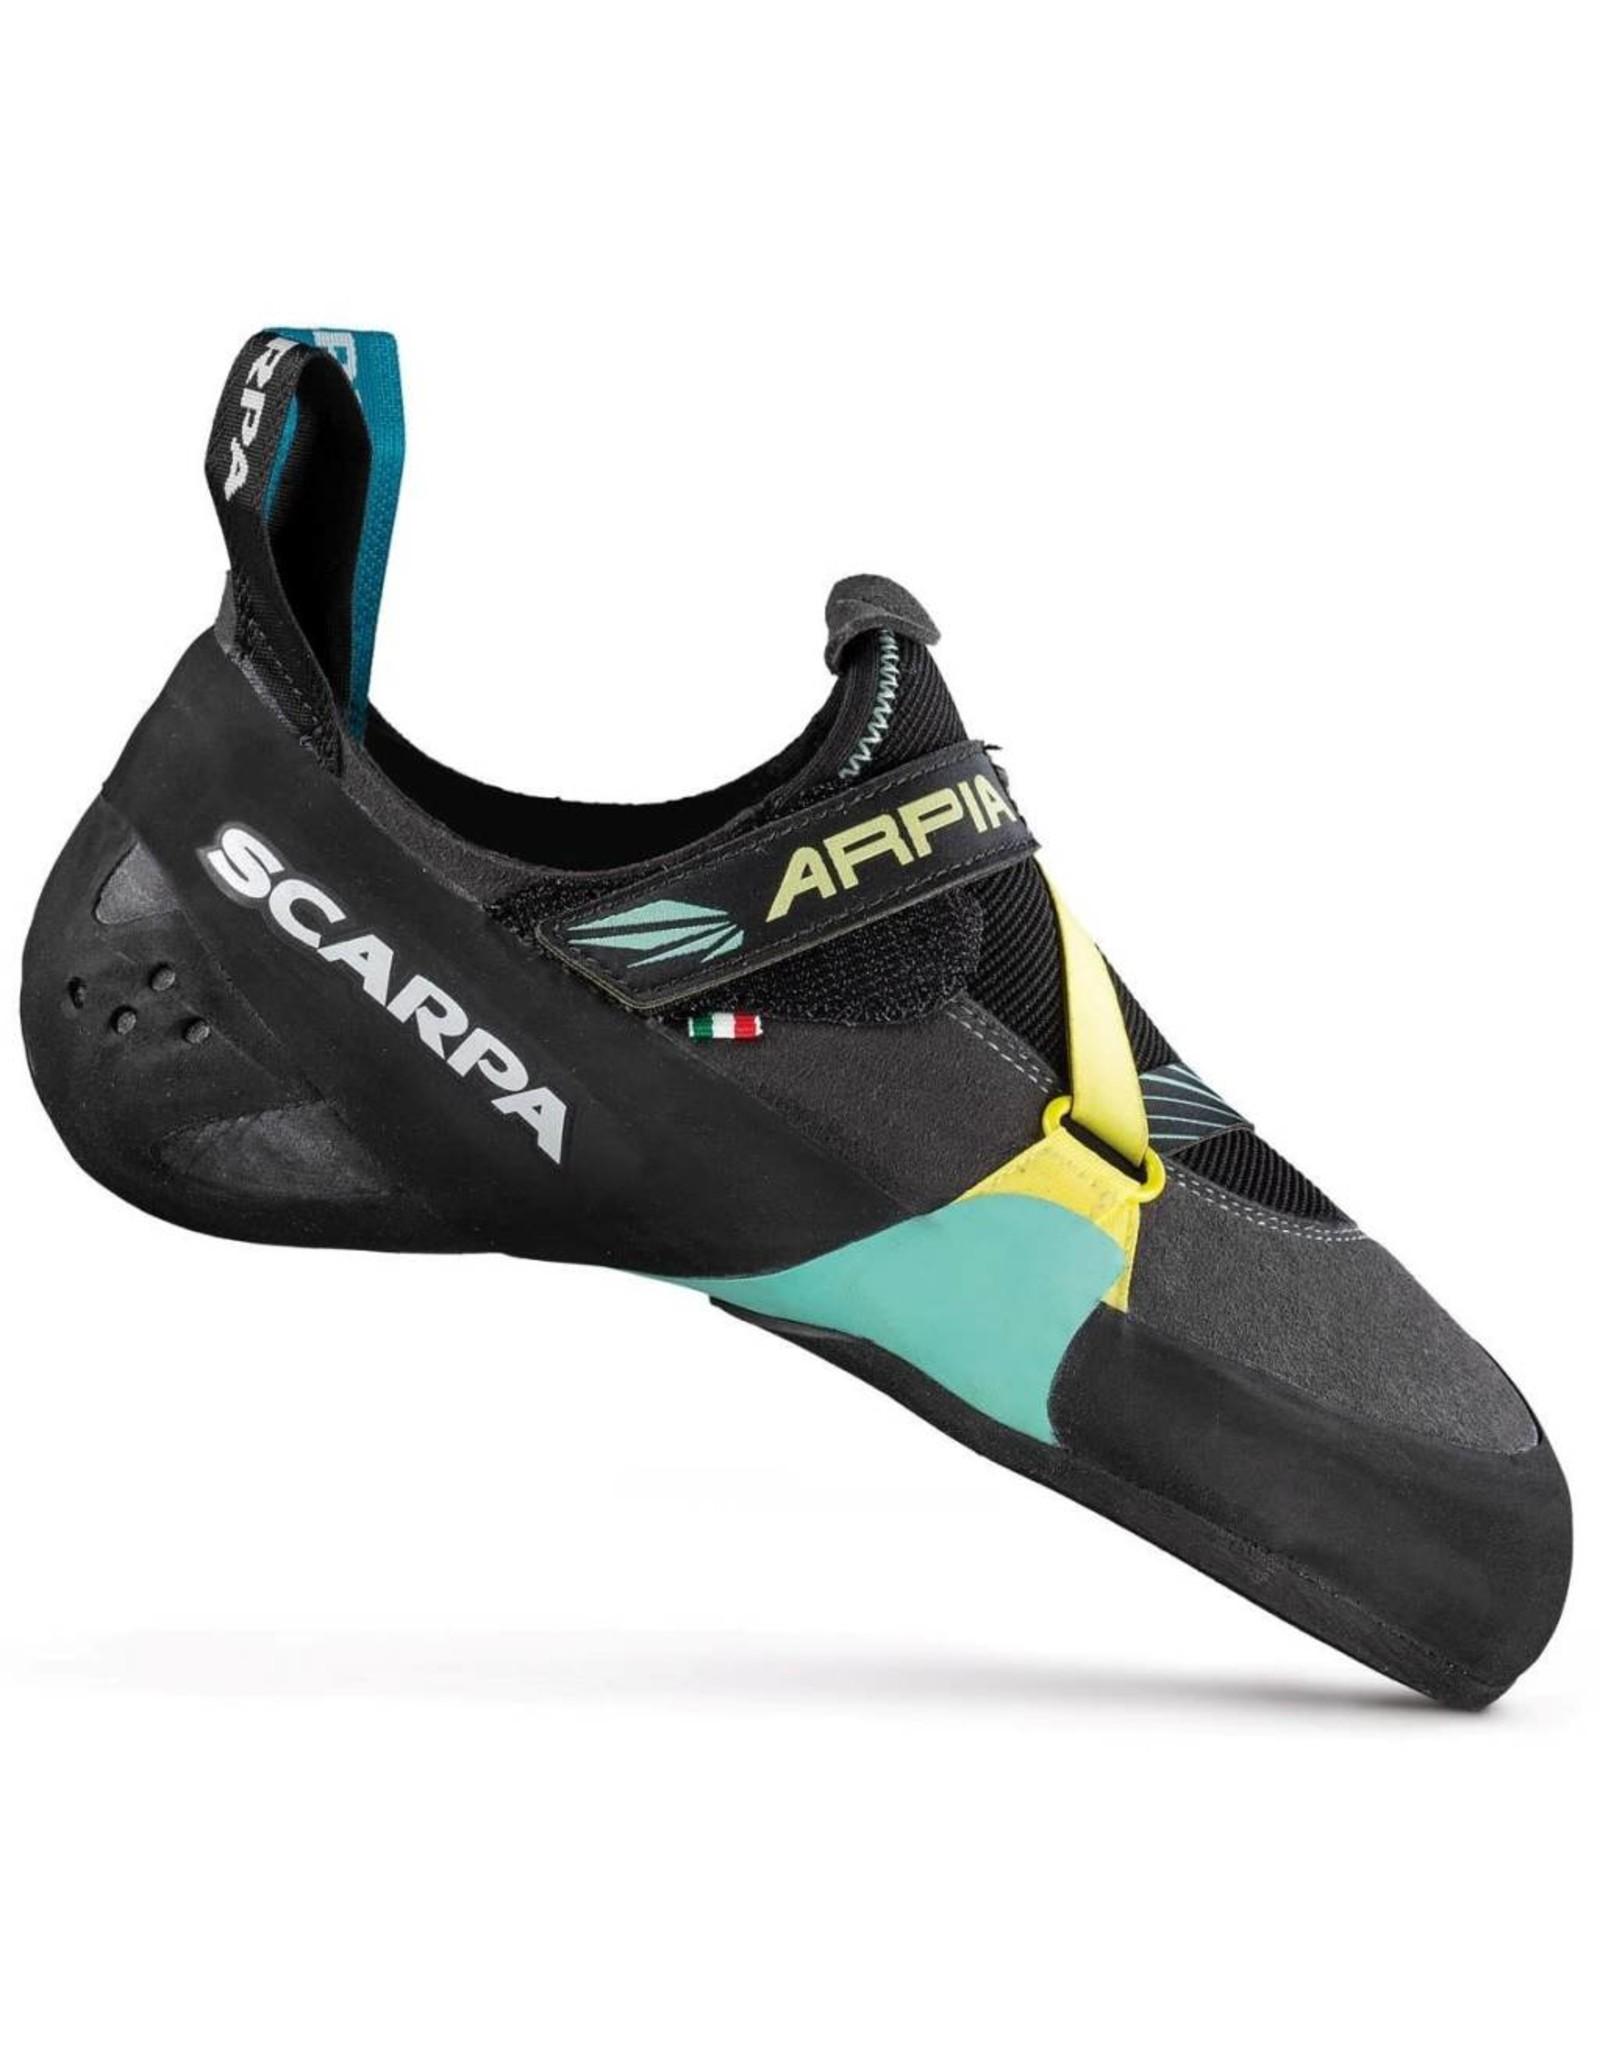 Scarpa Scarpa Arpia Women's Climbing Shoe